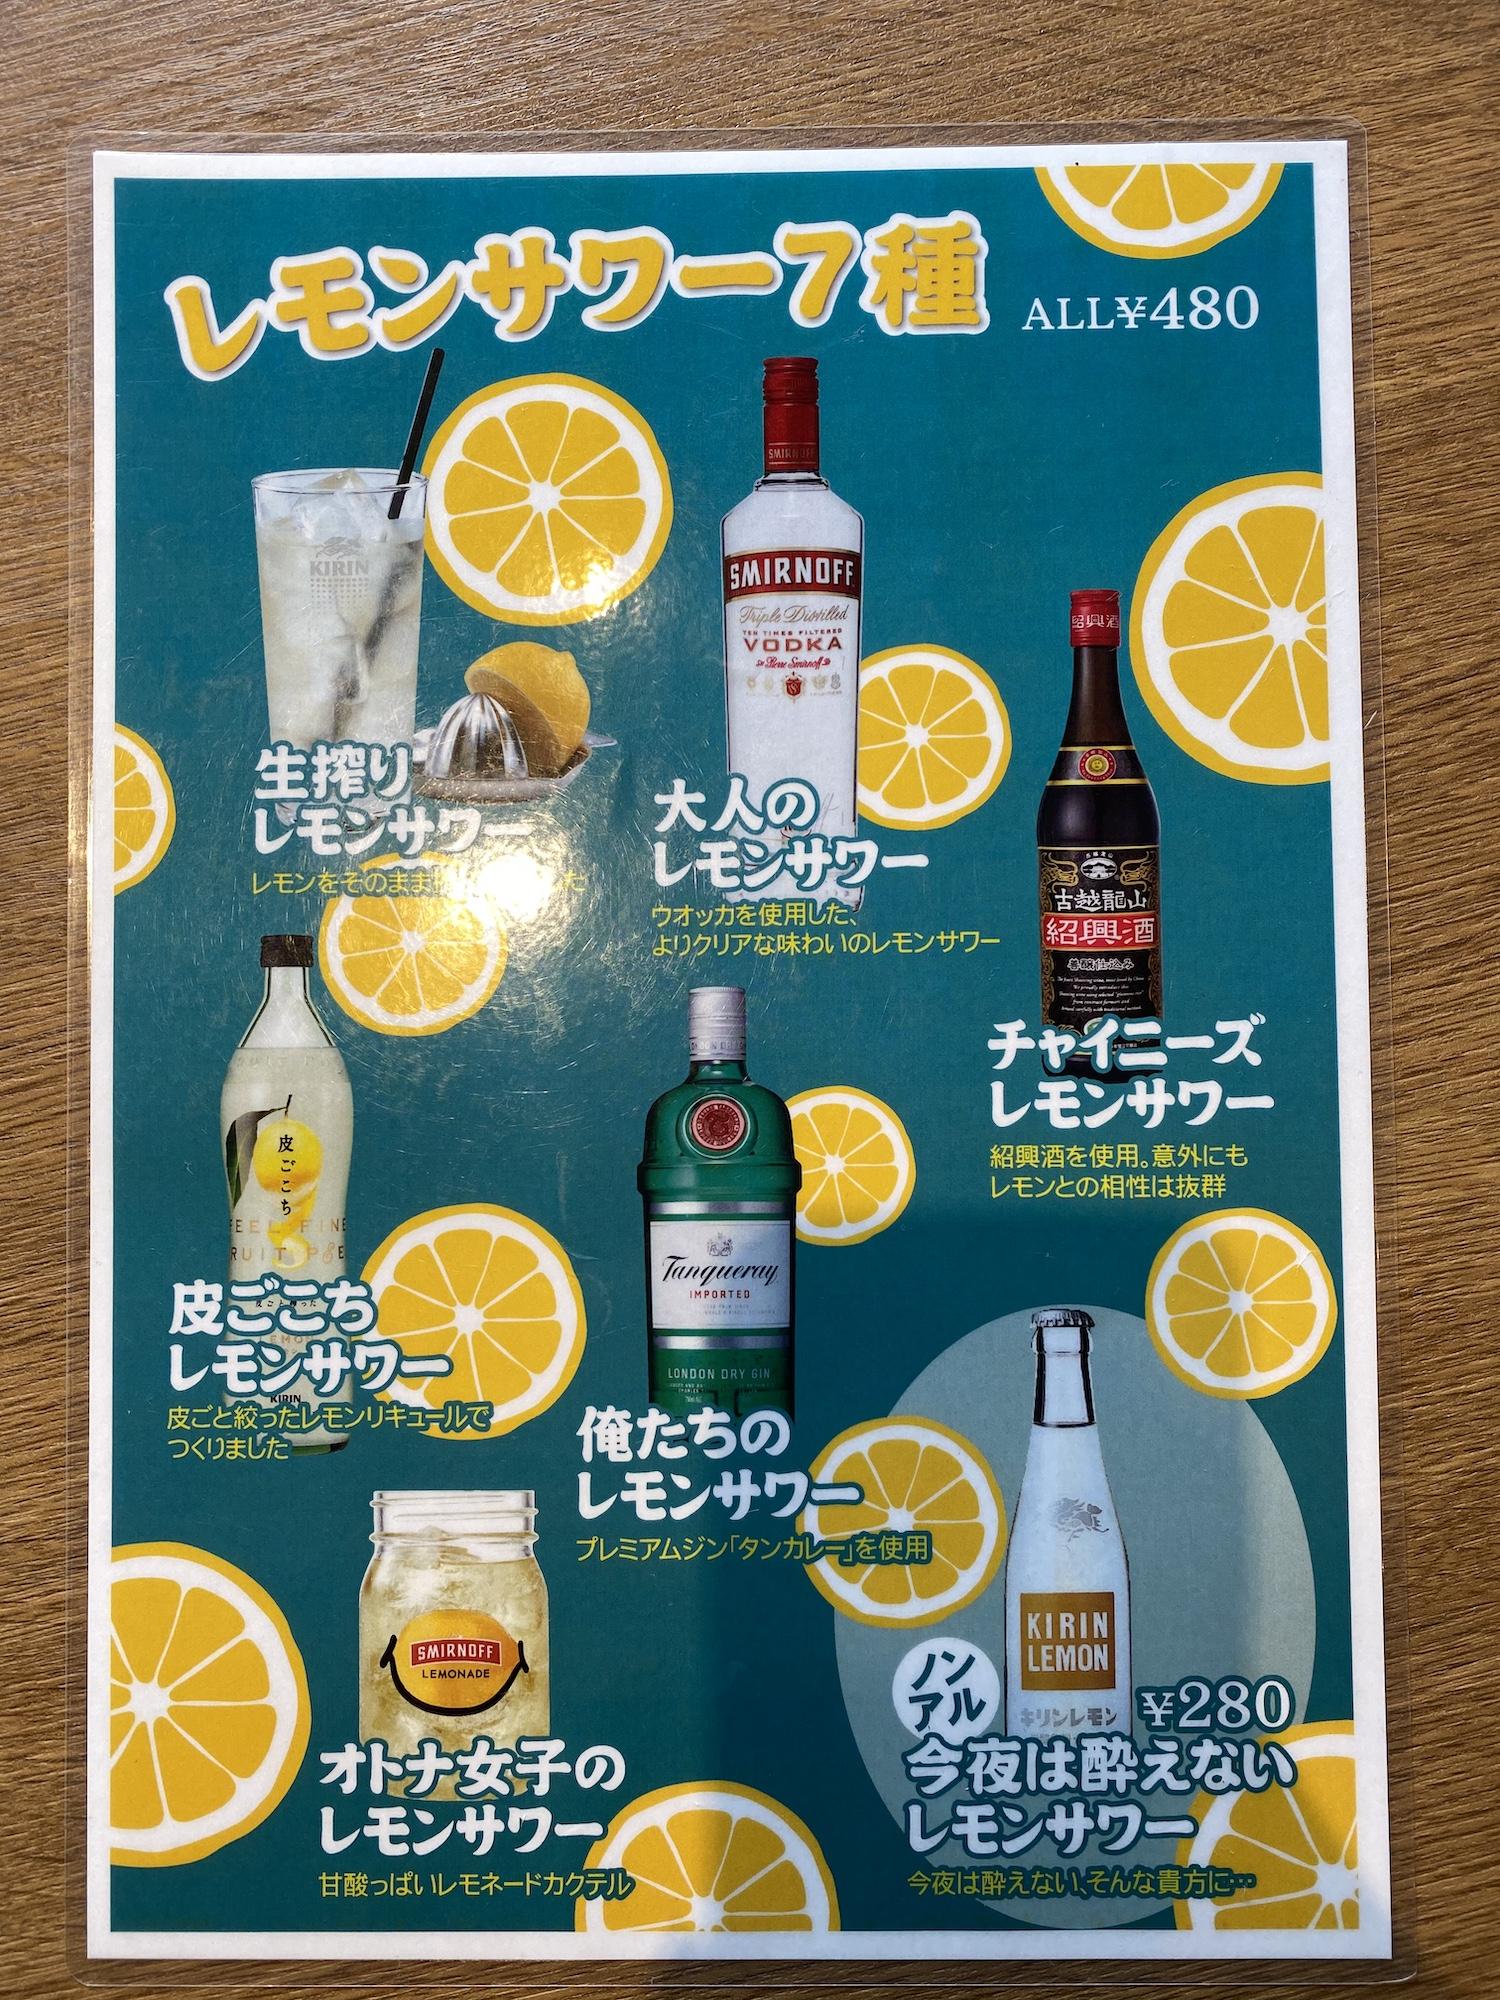 7つのレモンサワー